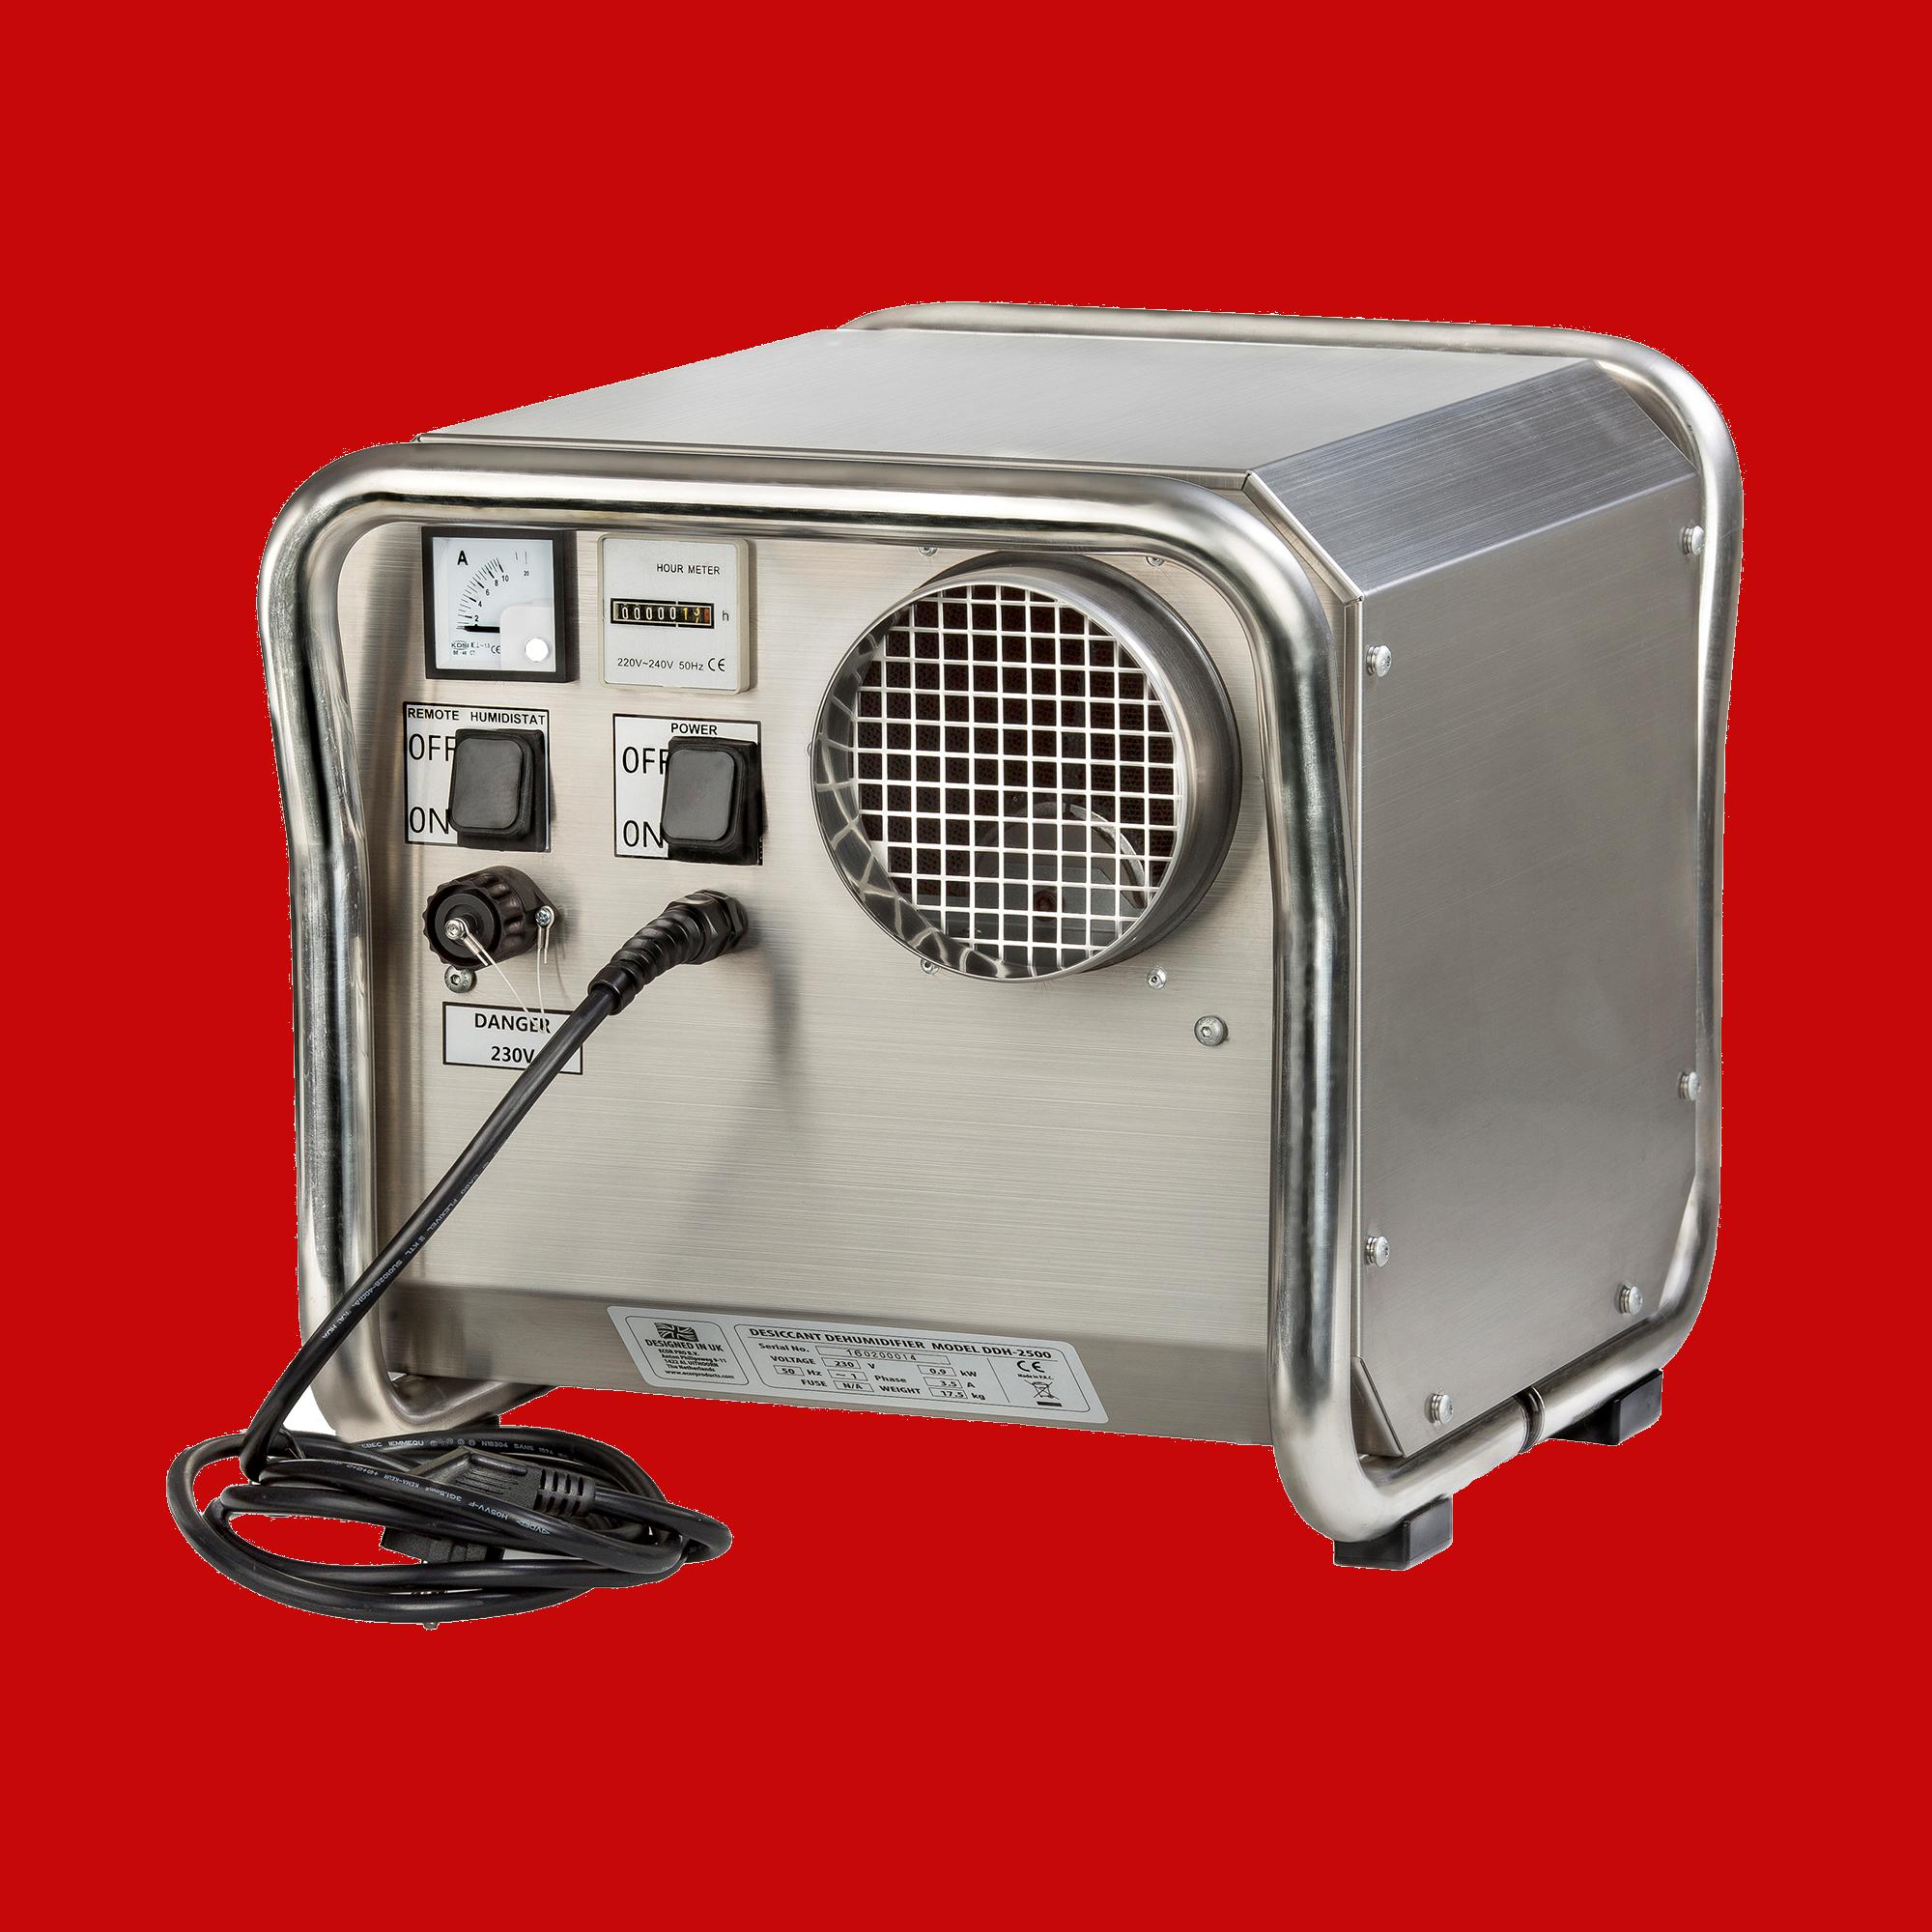 dehumidifier DH2500INOX EPD200PRO dehumidifiers by Ecor Pro